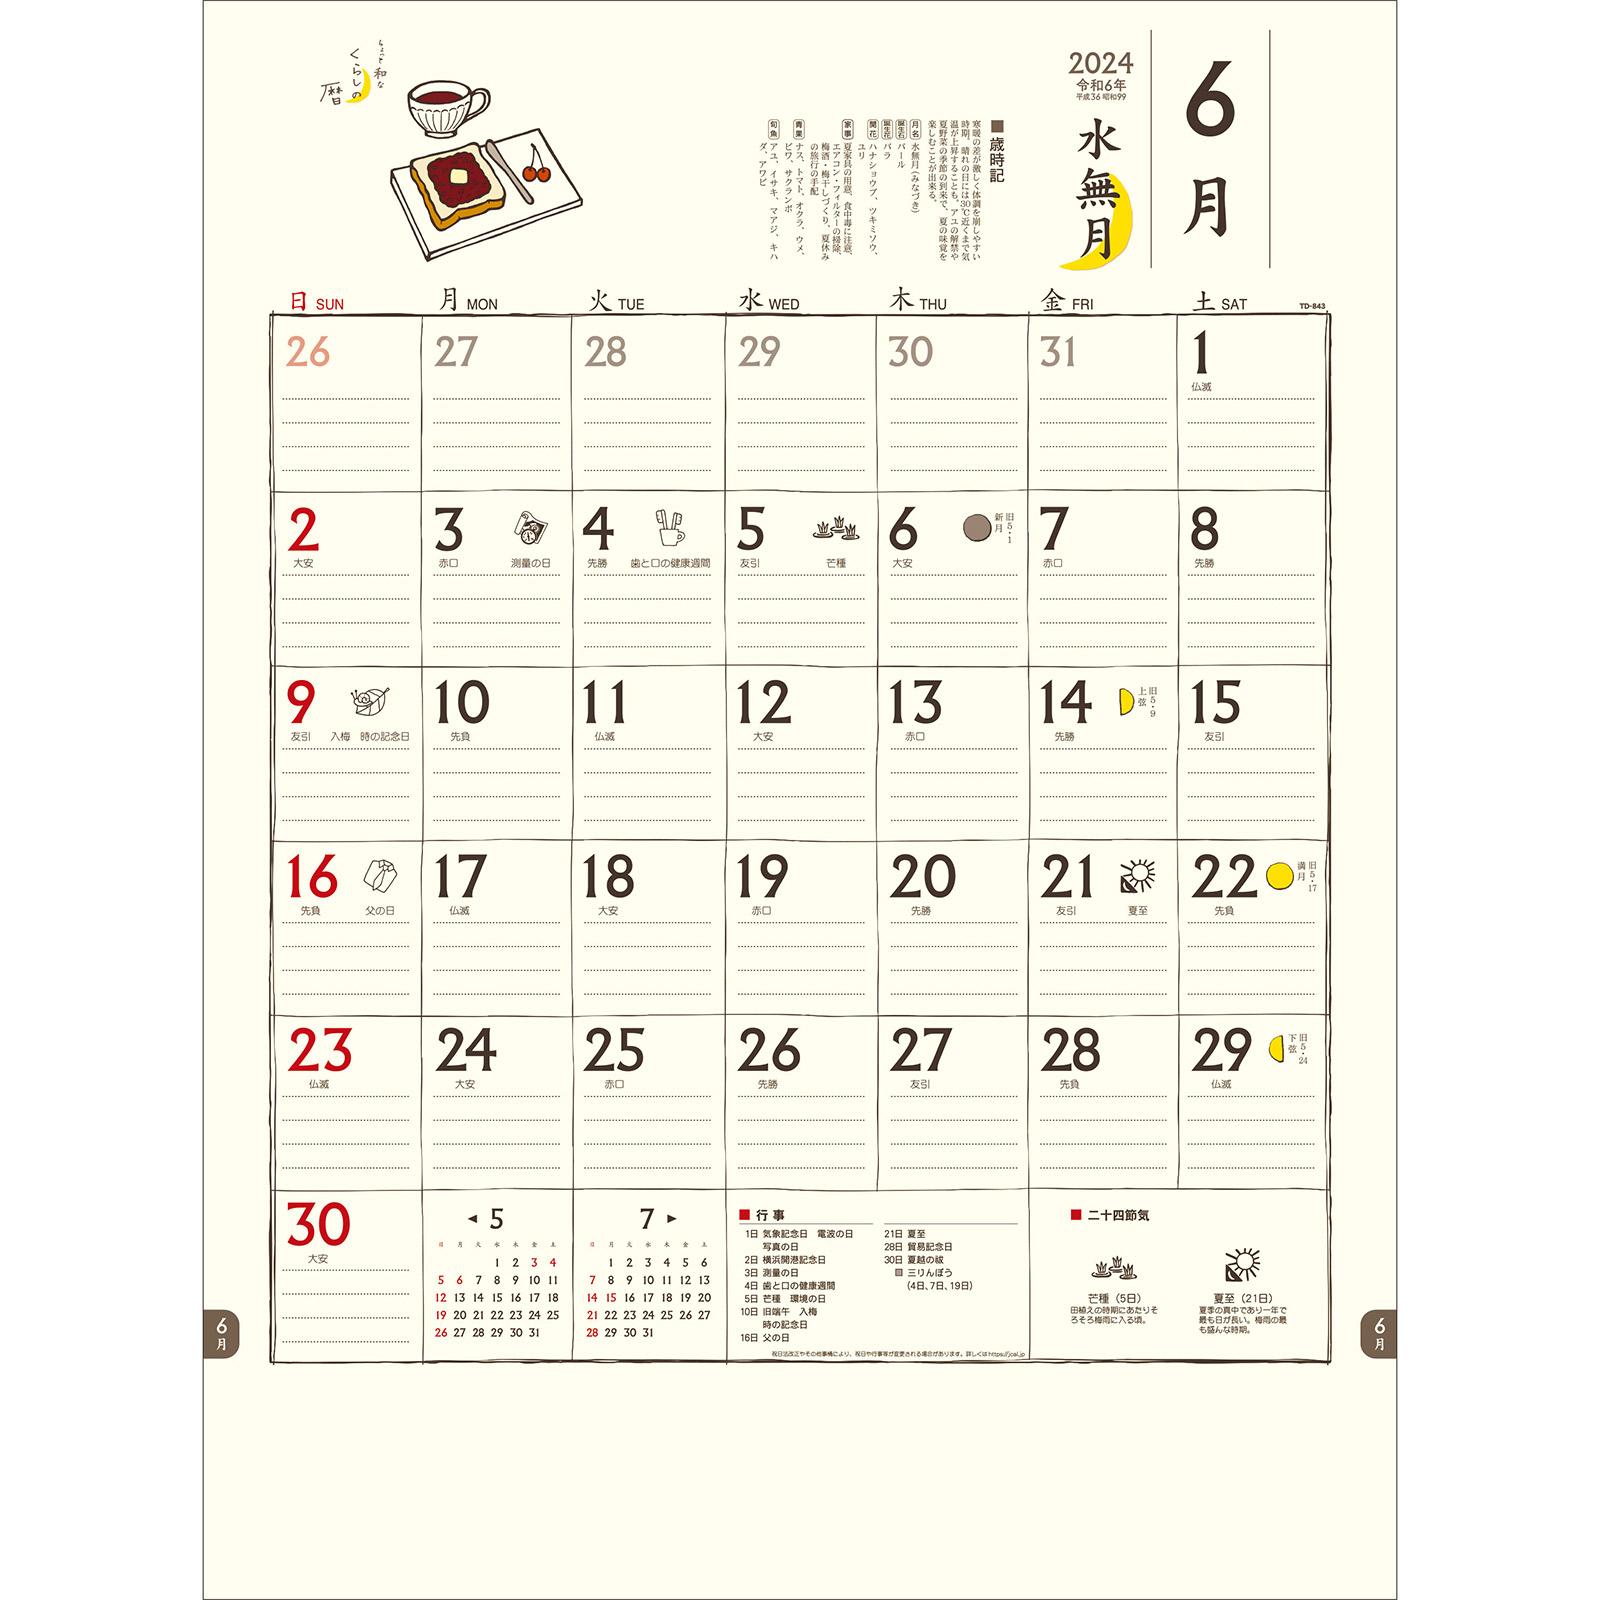 TD-843(2022年版)<br>ちょっと和なくらしの暦